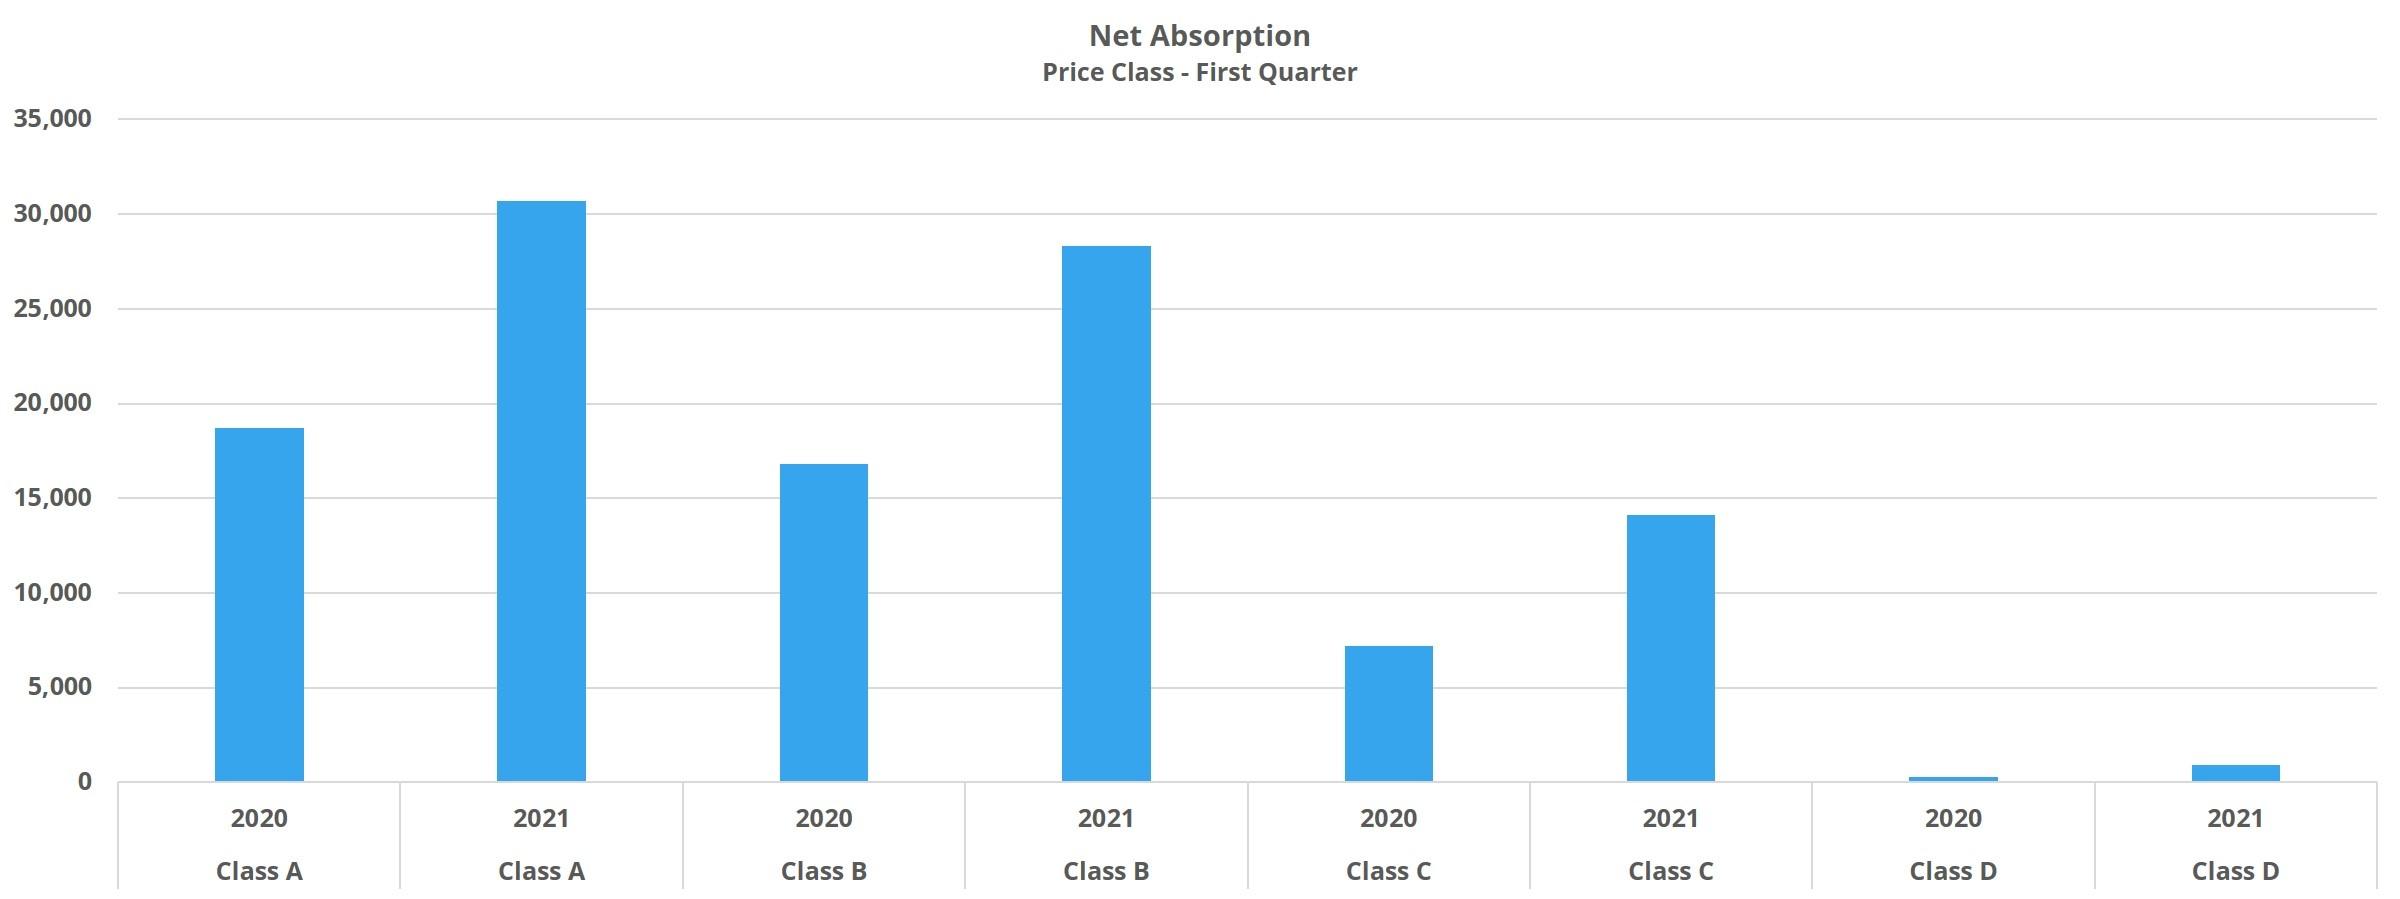 Net Absorption